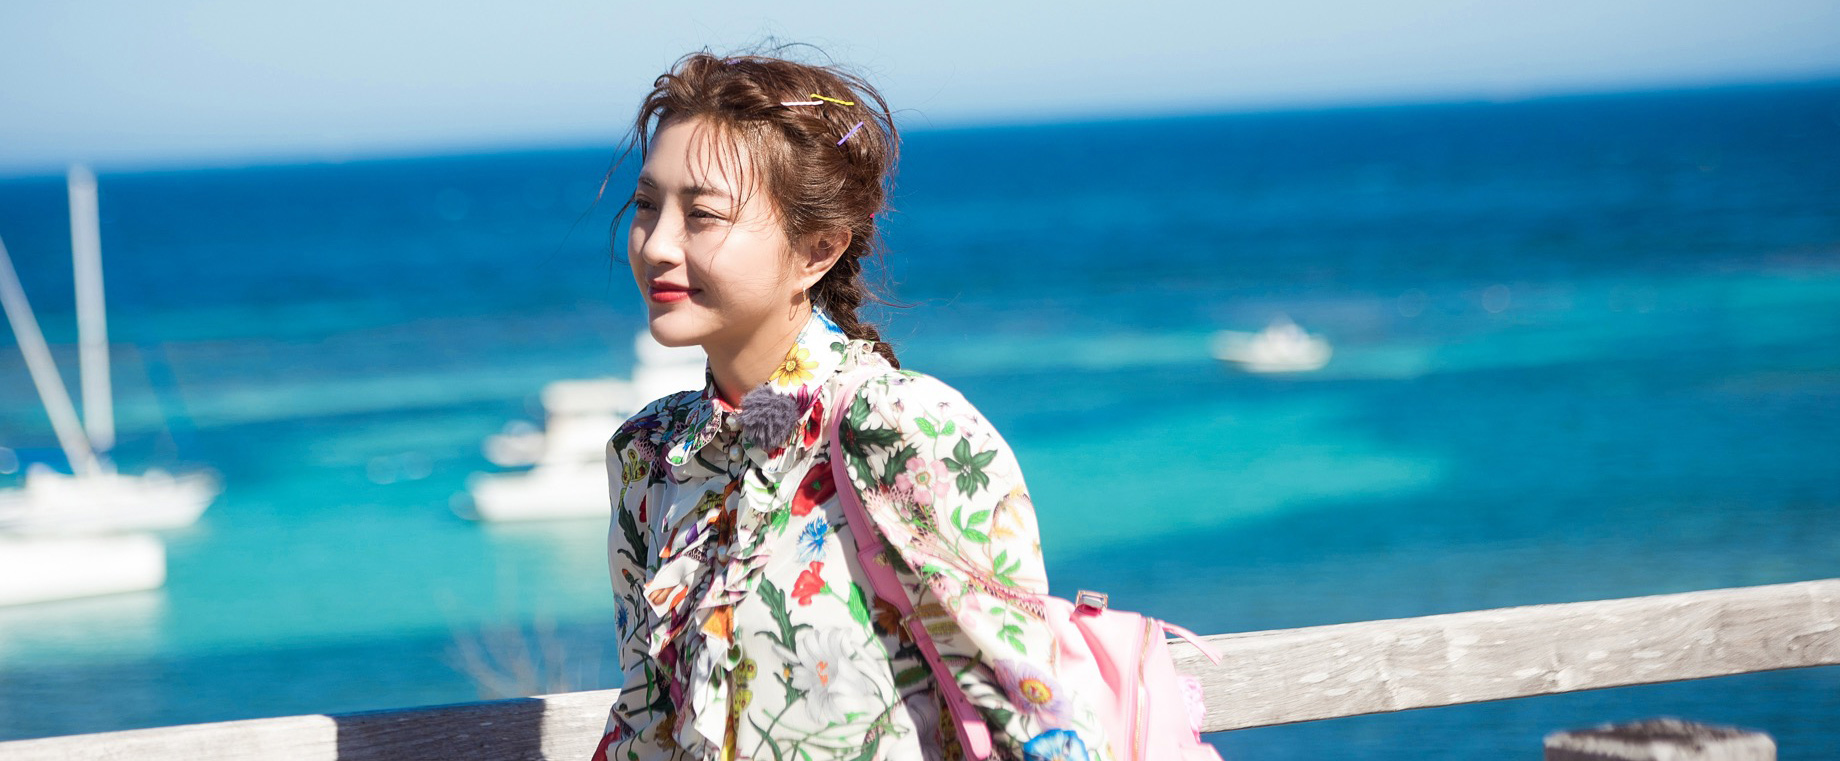 《妻子的浪漫旅行》第二季包文婧跳伞包贝尔泪目